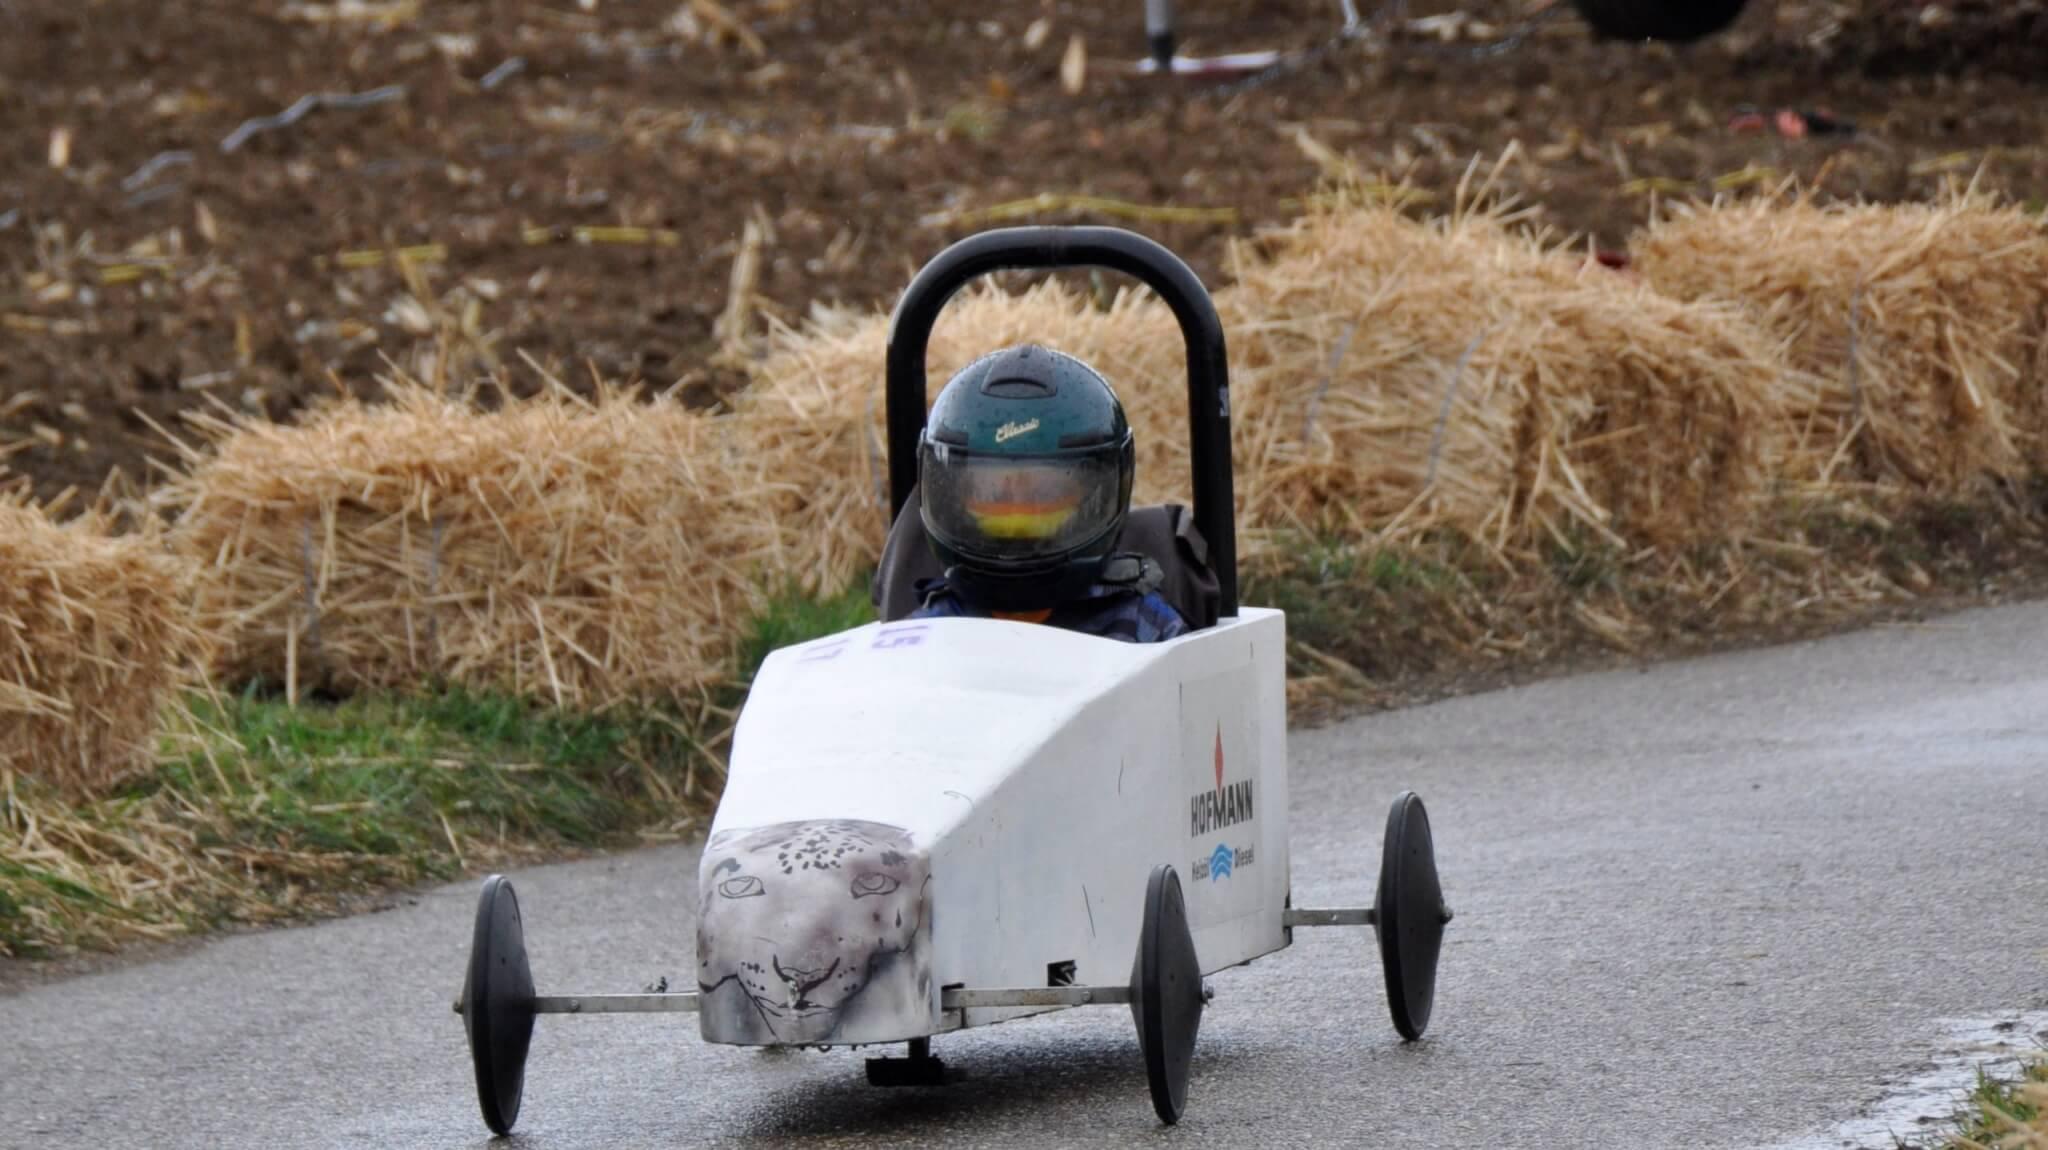 Anmeldung kleines Seifenkistenrennen